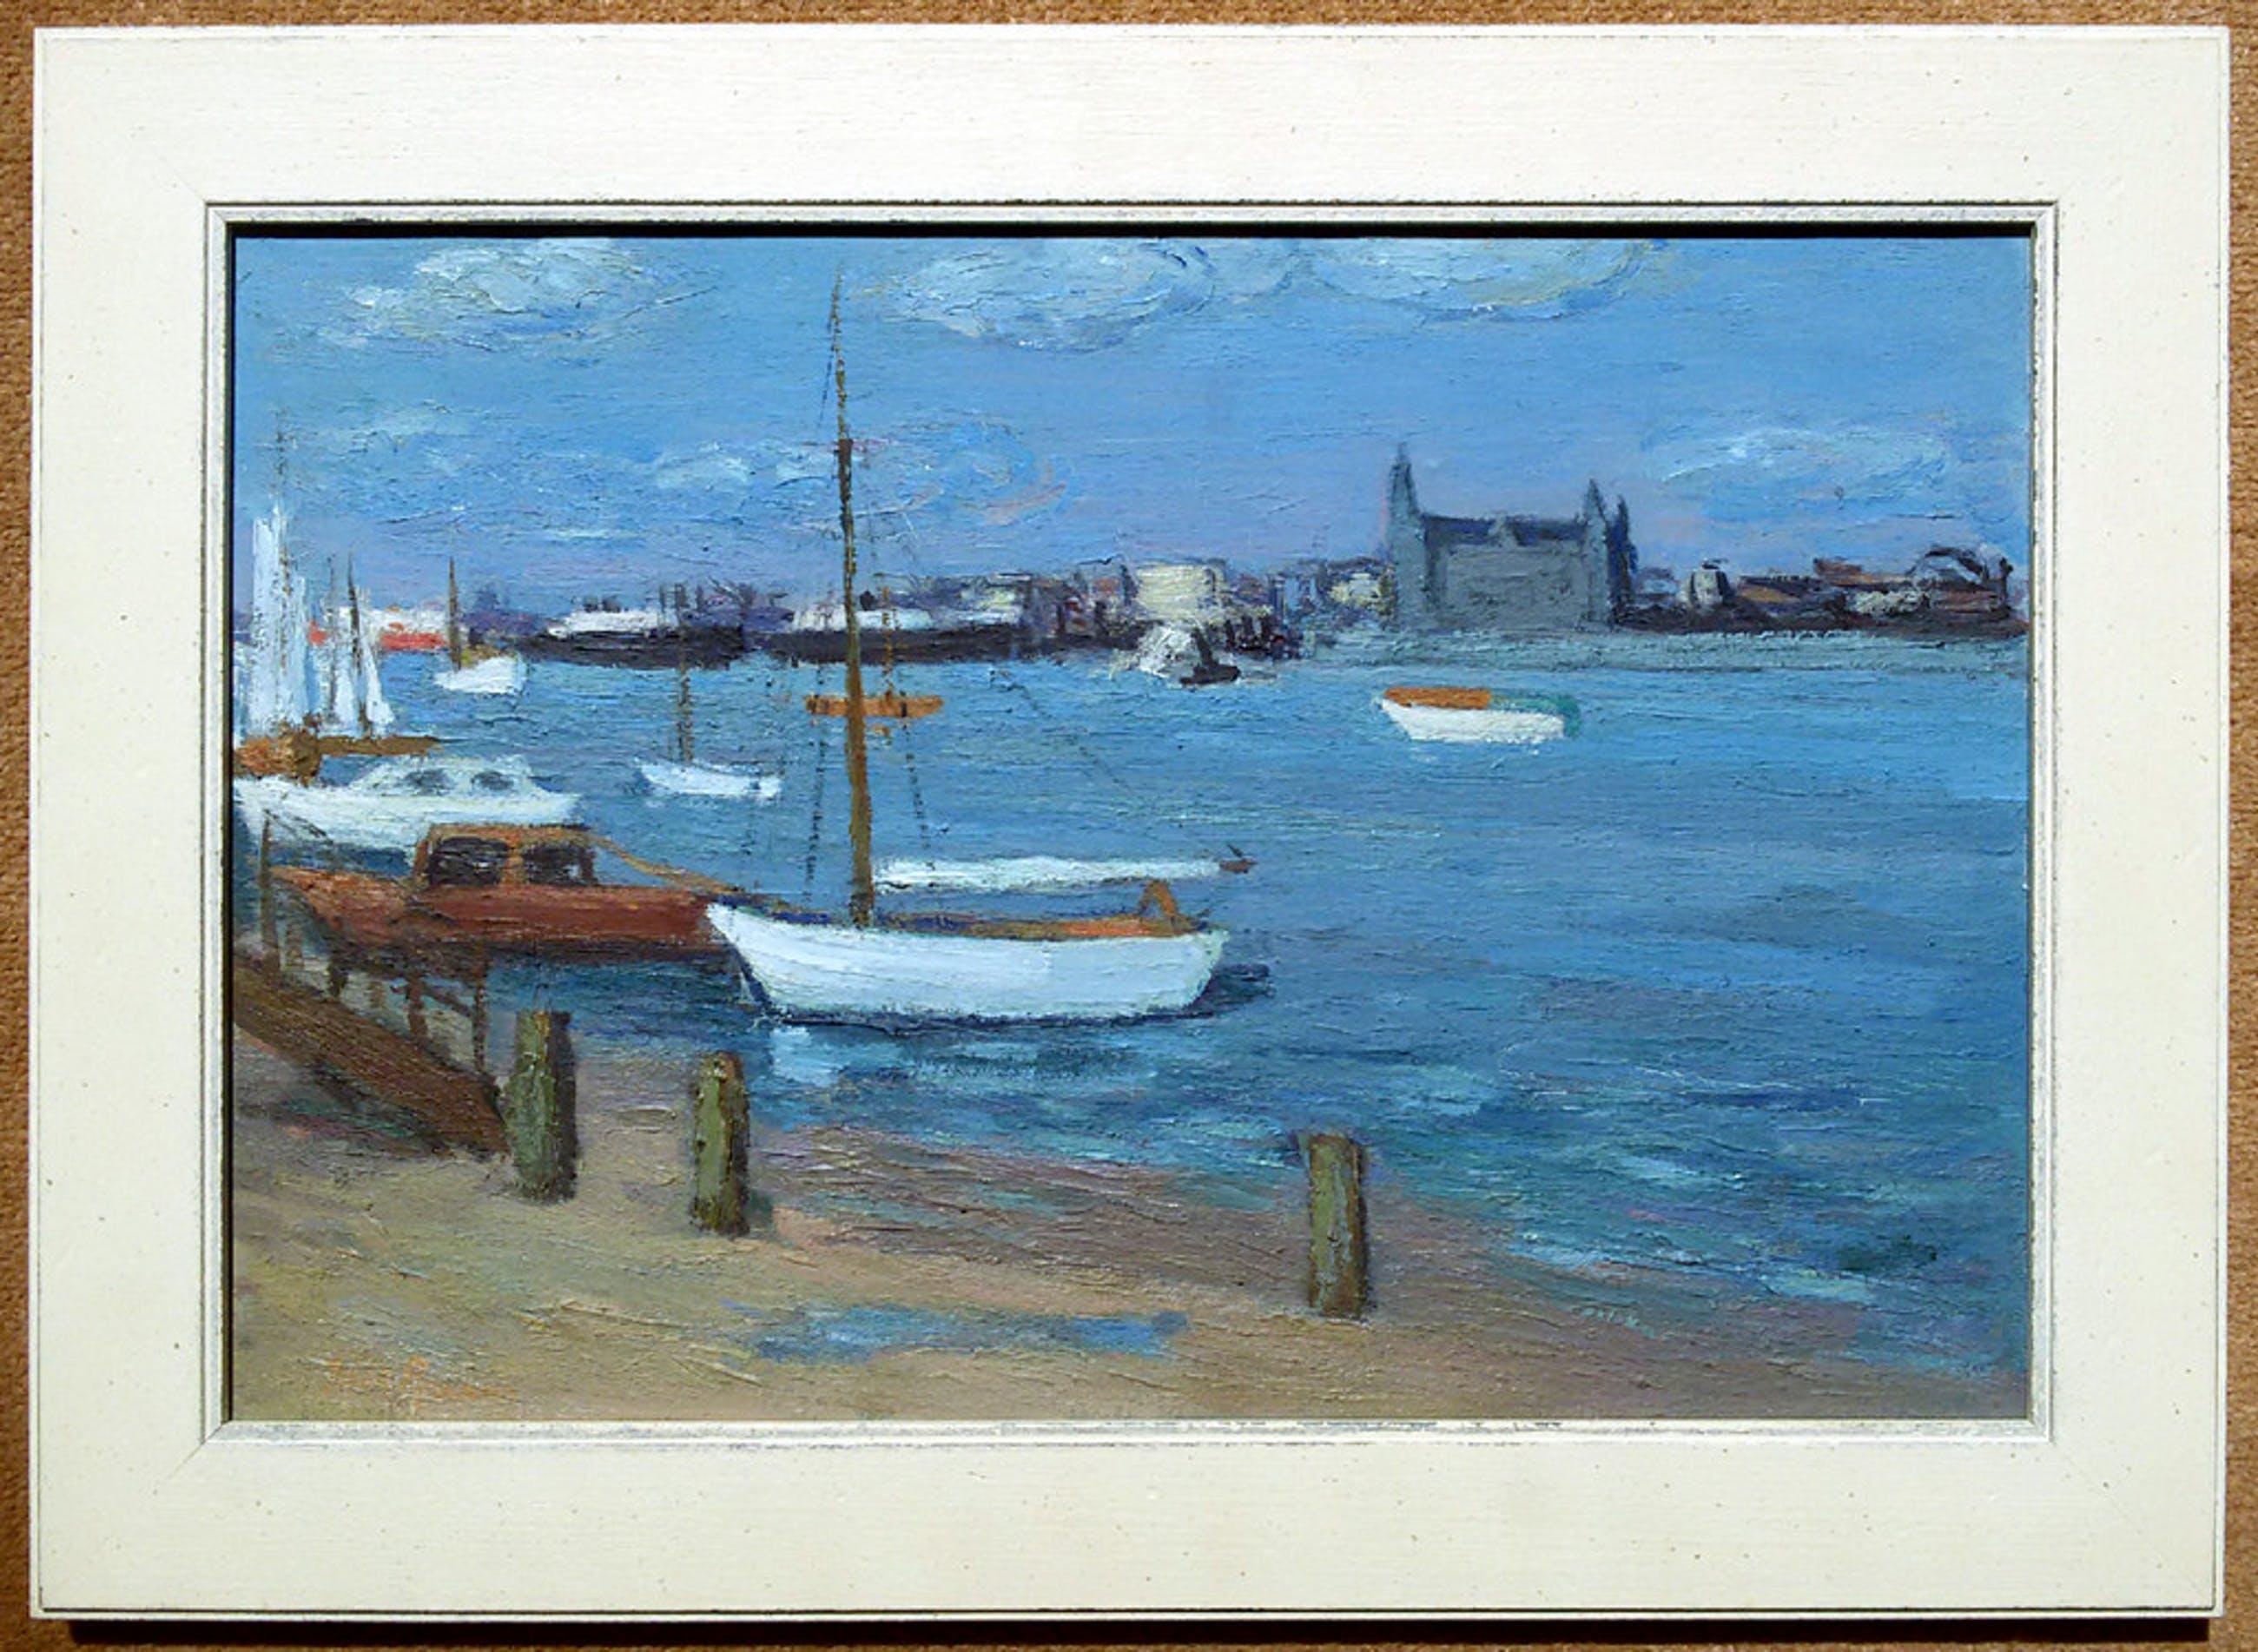 Laatste keer:Dick Braam - Haven bij Antwerpen, olieverf op doek (mooi ingelijst) kopen? Bied vanaf 195!